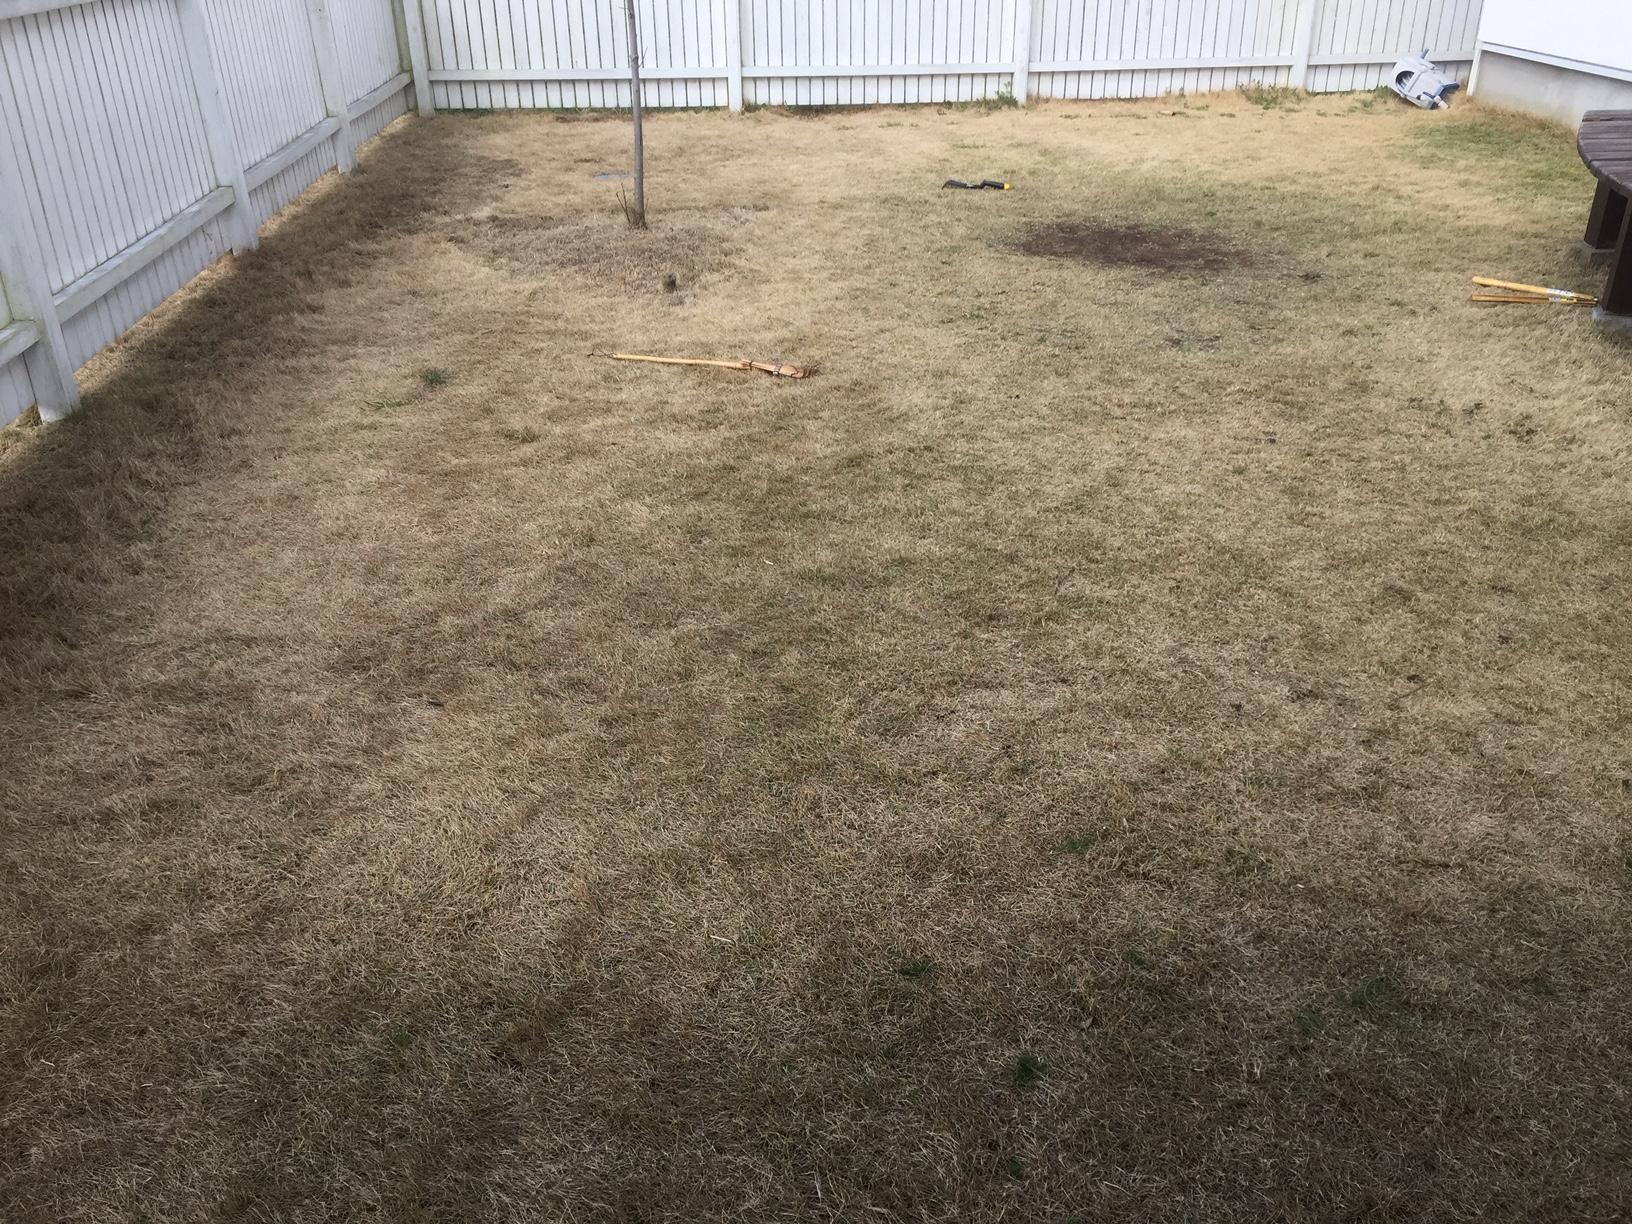 2021.03.14 芝生の状況(サッチ除去)